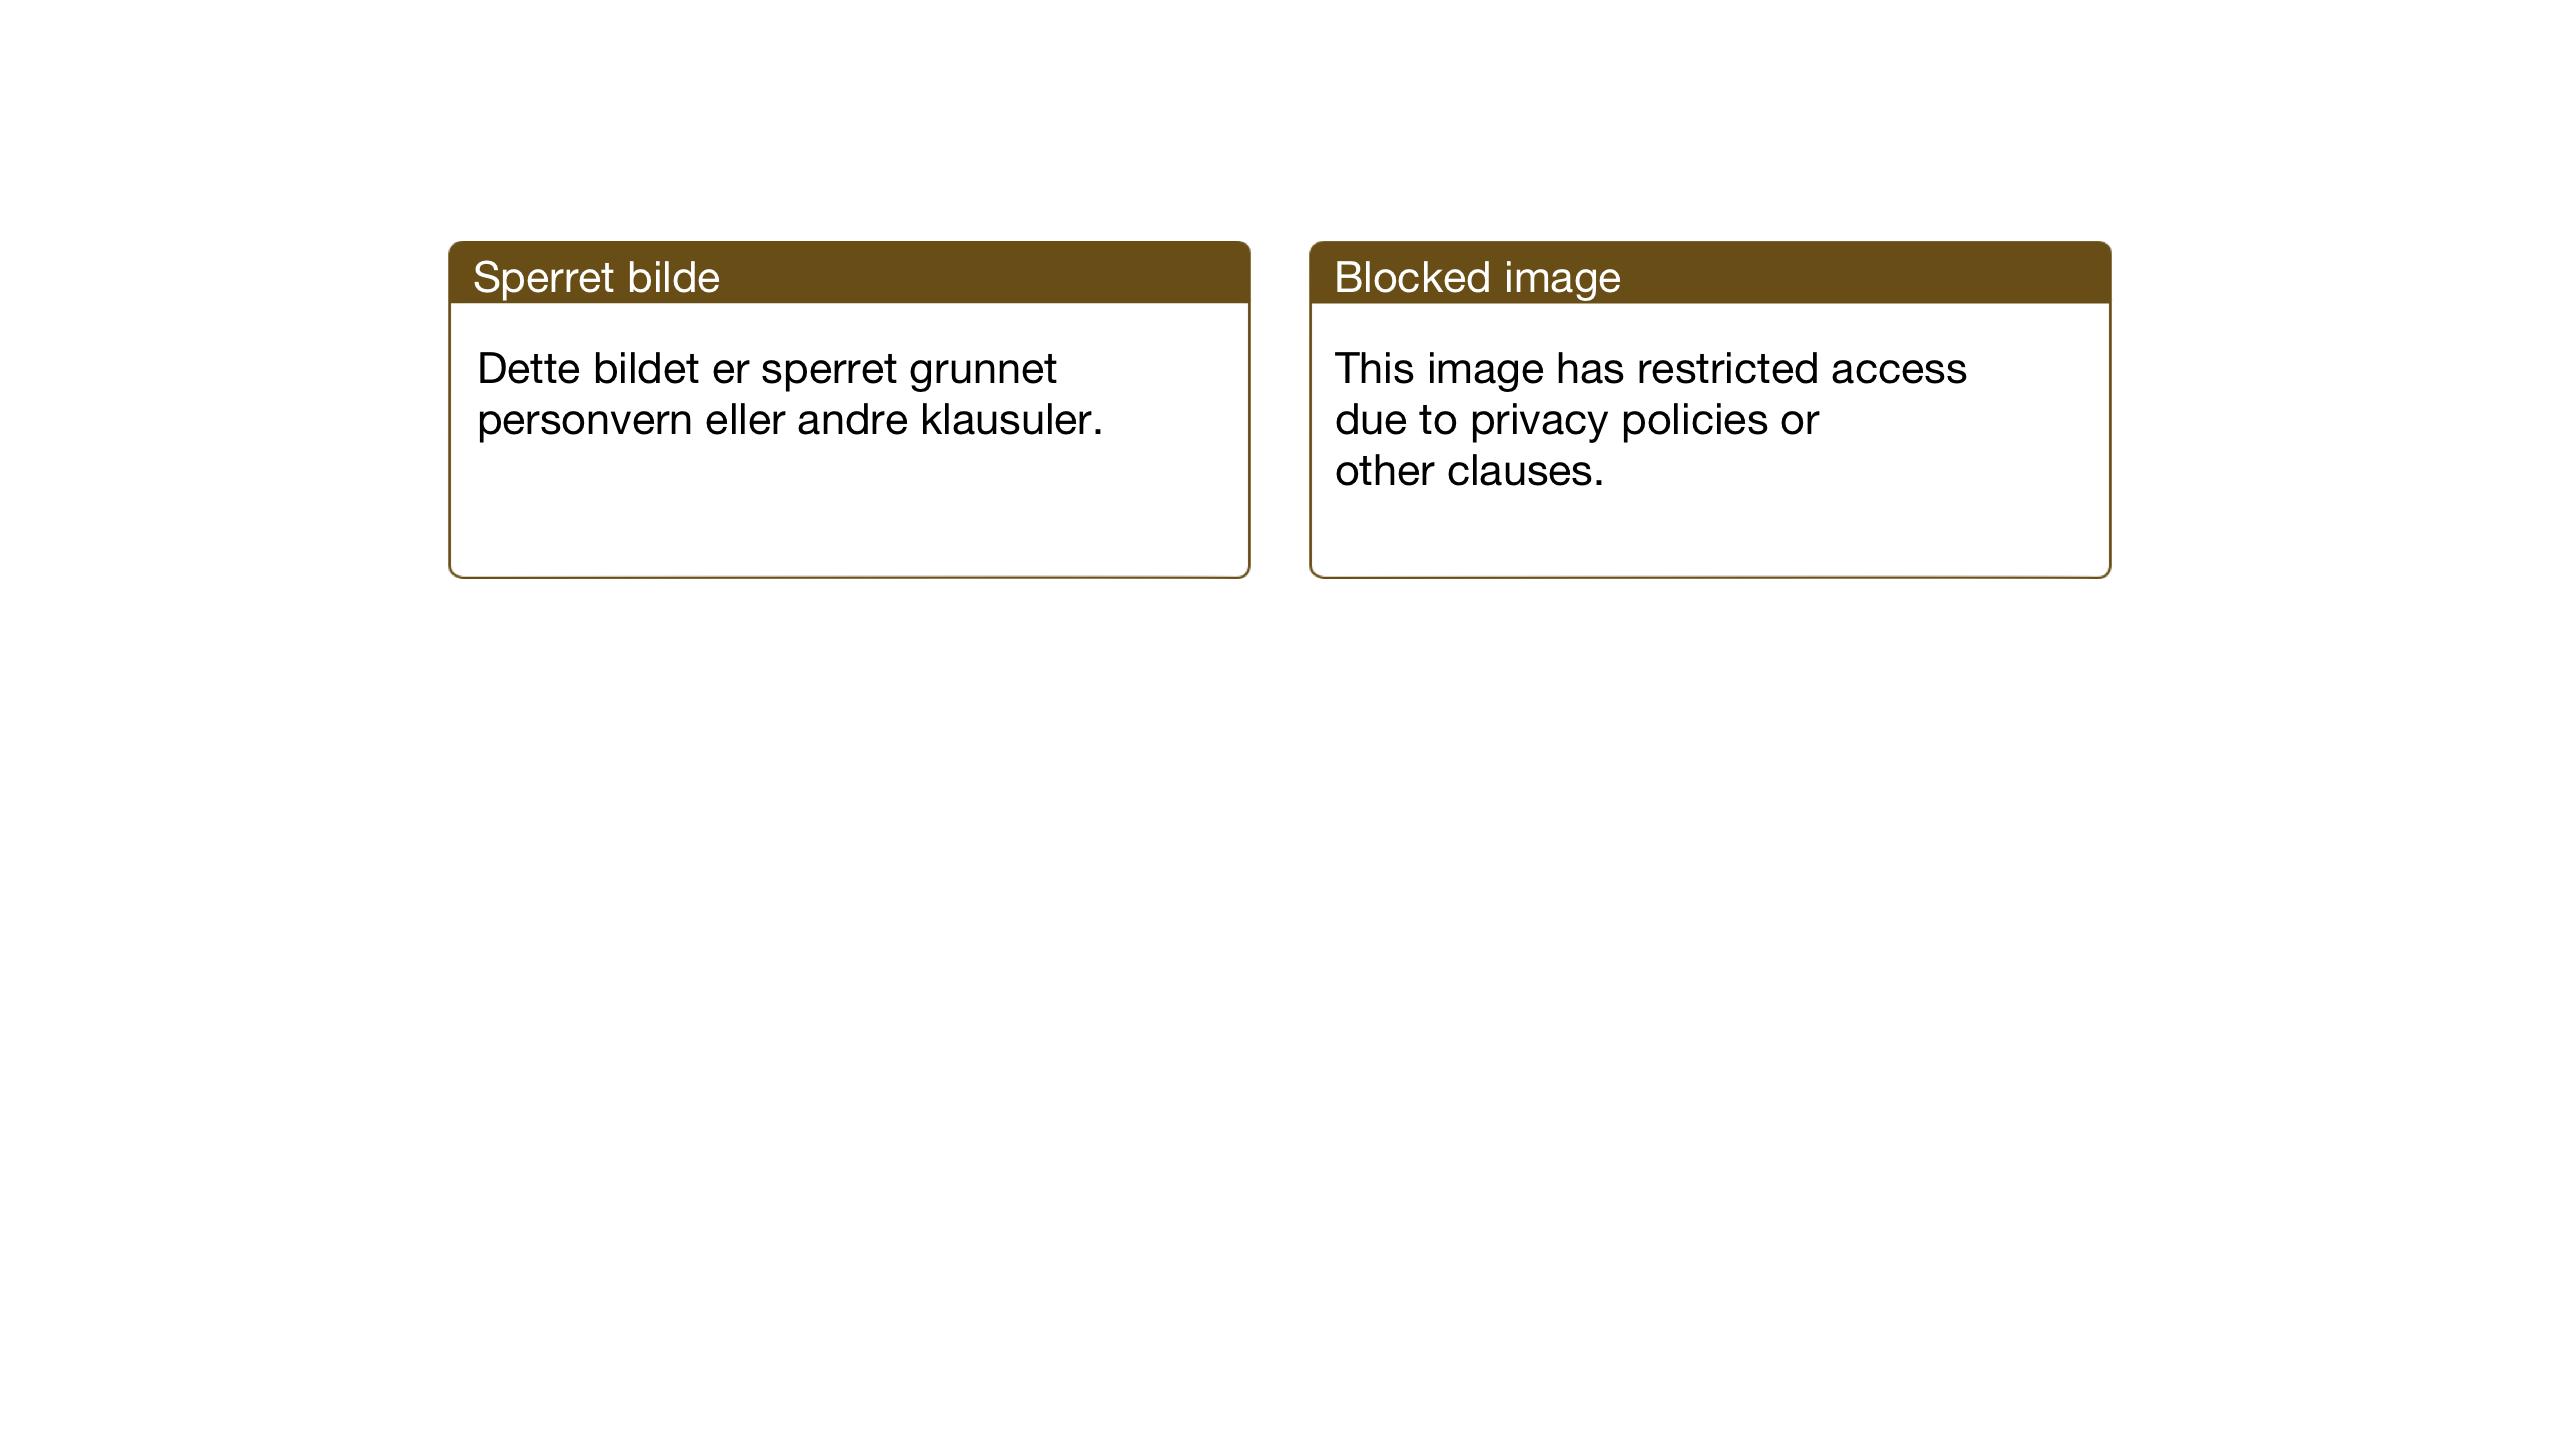 SAT, Ministerialprotokoller, klokkerbøker og fødselsregistre - Nord-Trøndelag, 714/L0136: Klokkerbok nr. 714C05, 1918-1957, s. 36